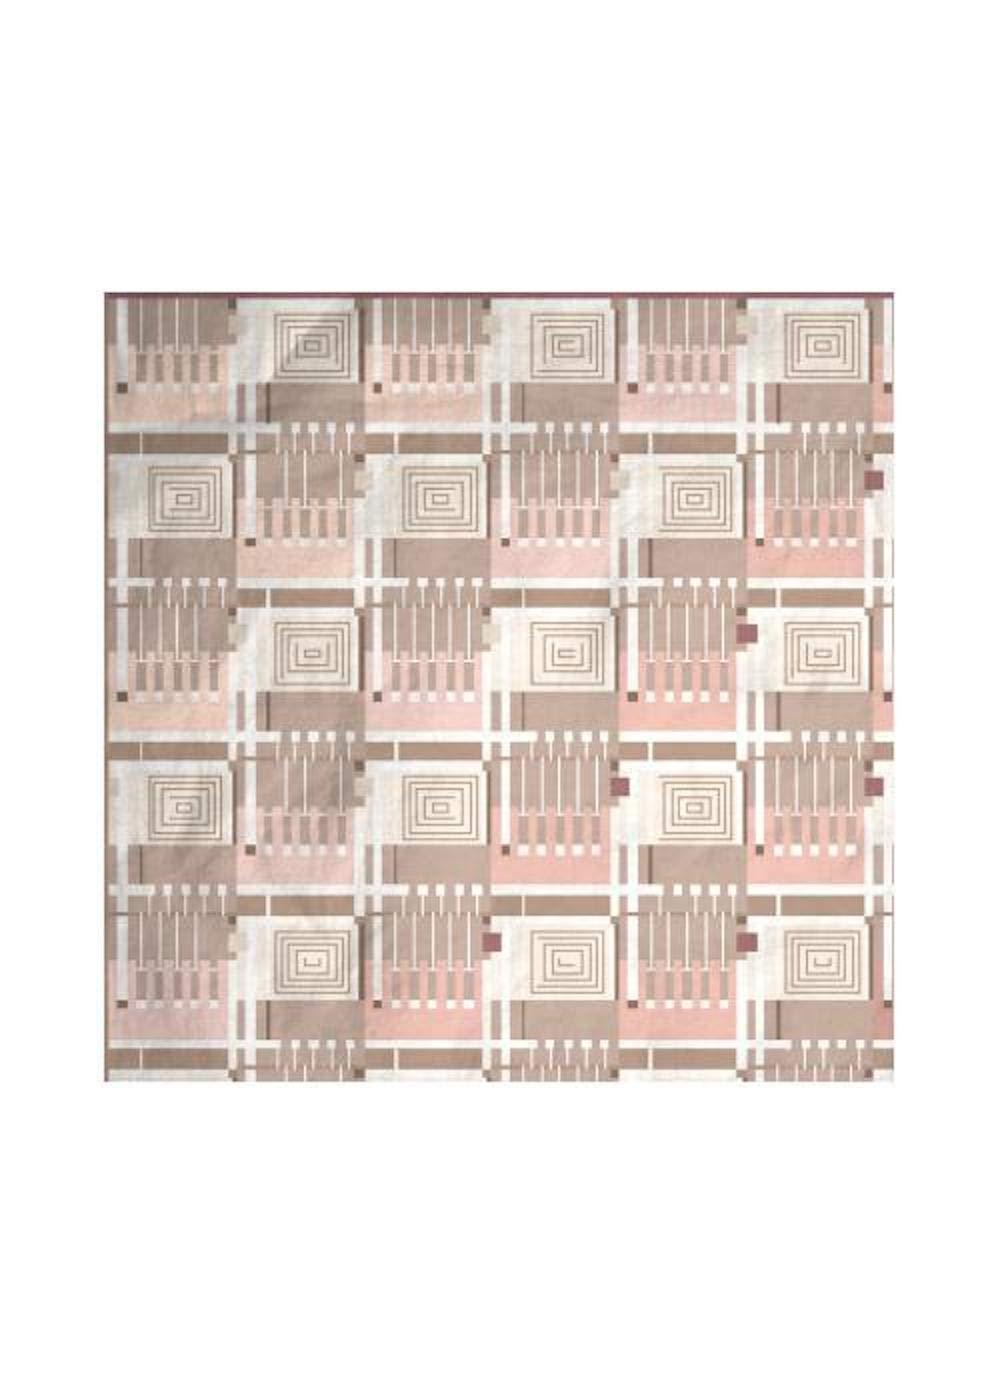 VIDA | Abstract Distortion Fawn Silk Scarf | Original Artwork Designed by Frank Lloyd Wright